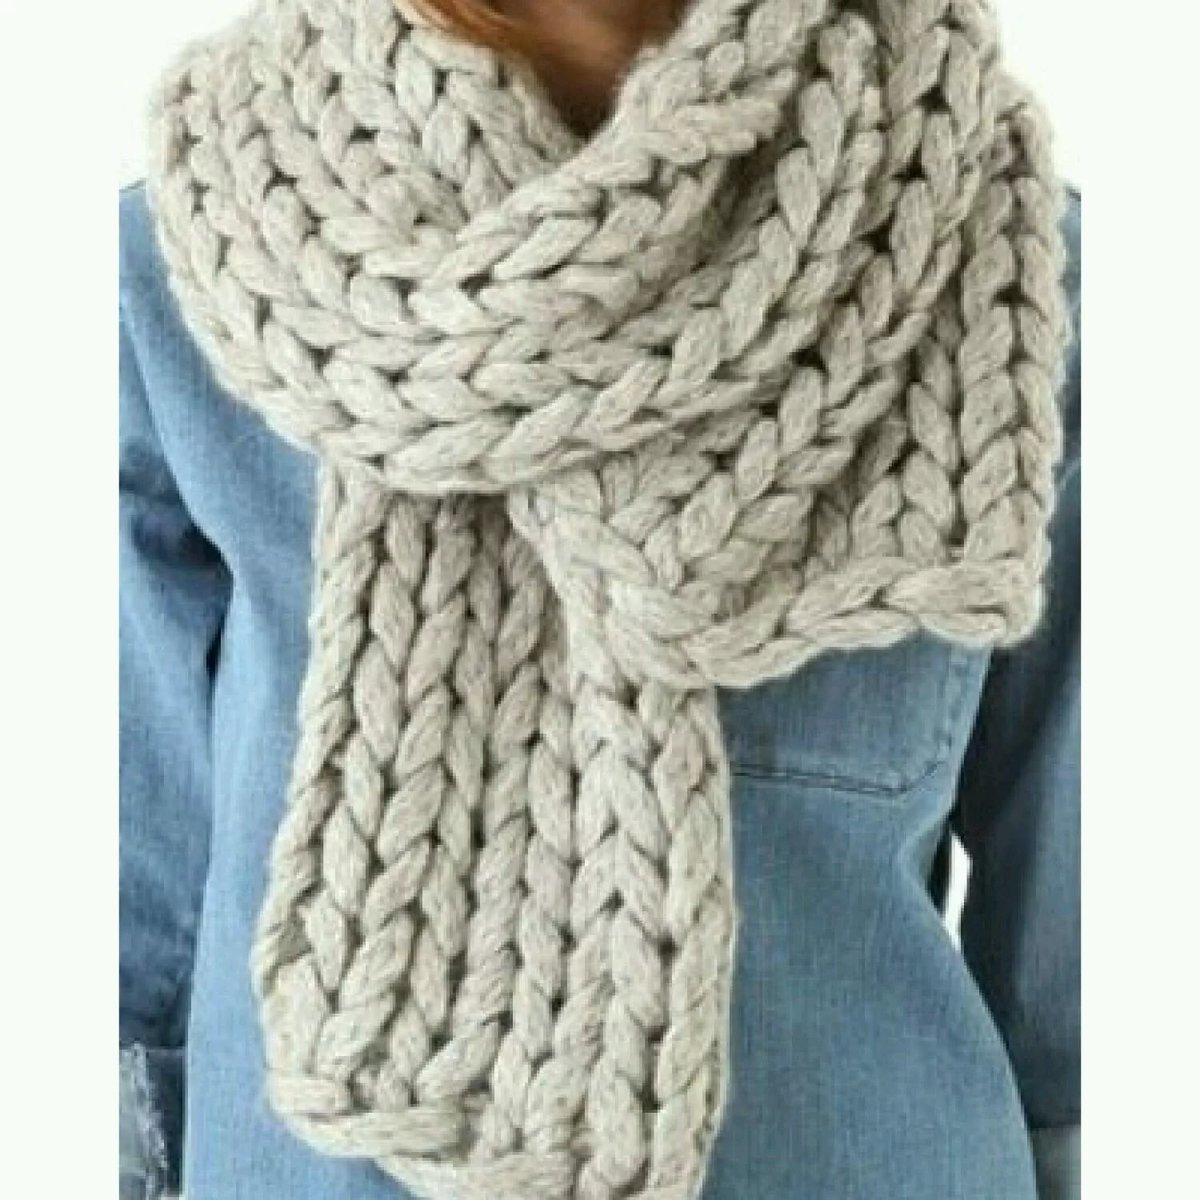 Мастер-классы по вязанию шарфа из толстой пряжи